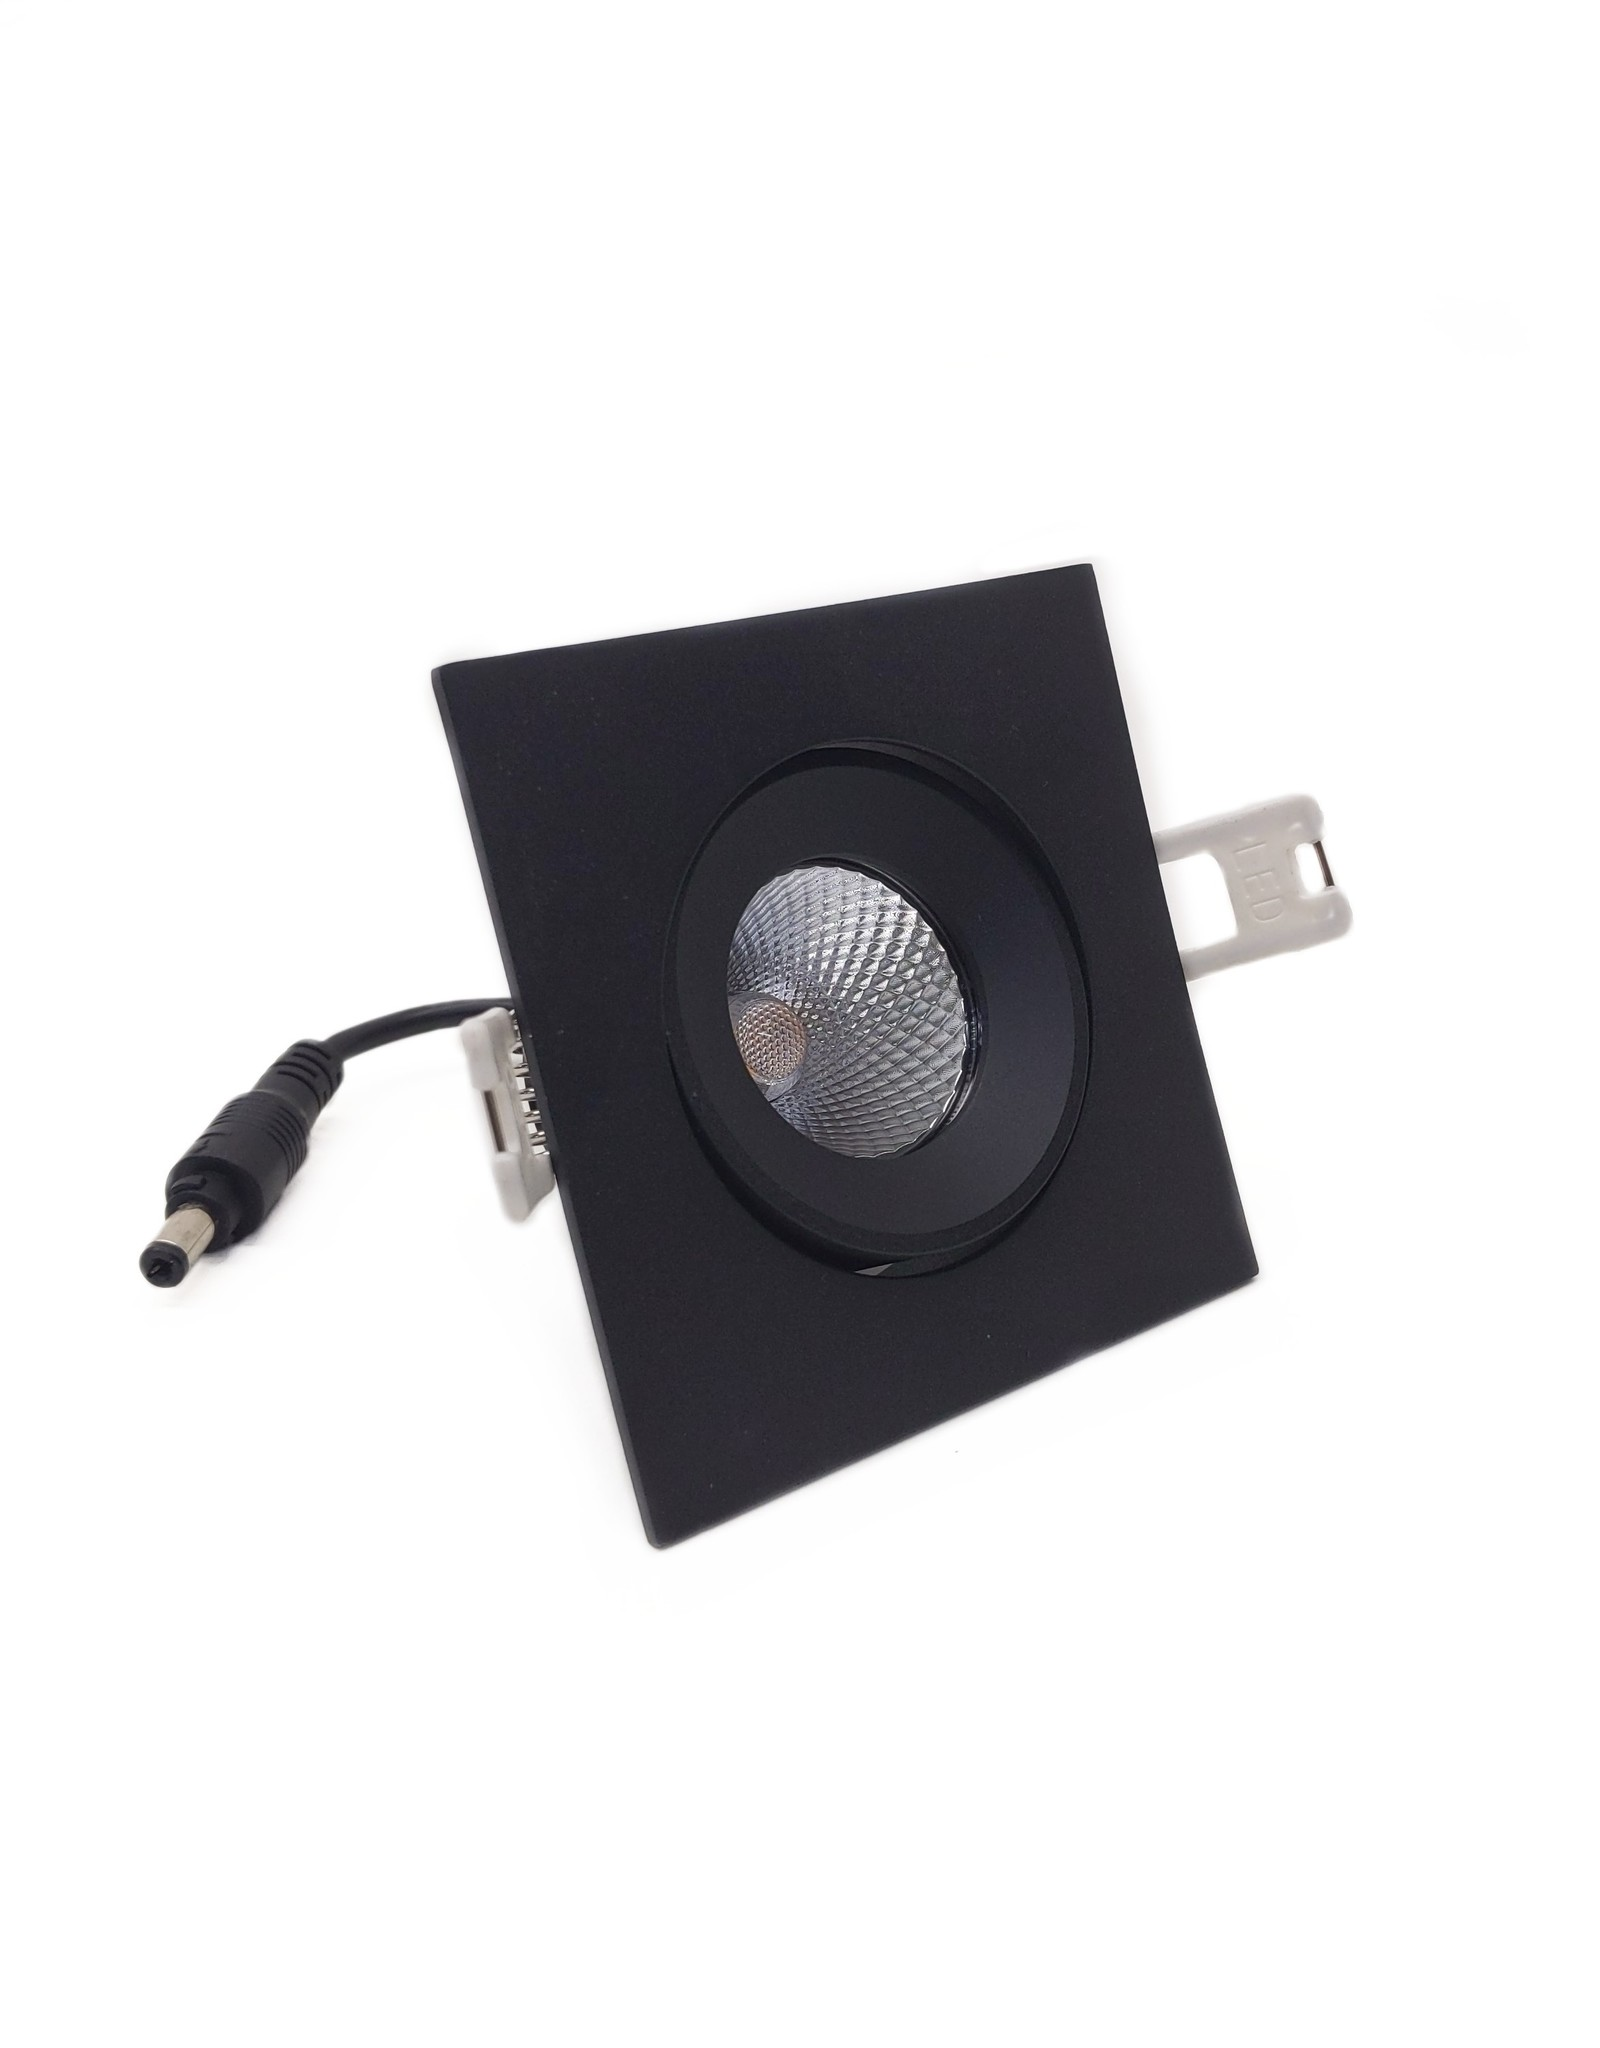 LedLed ADDY led kantelspot vierkant zwart dimbaar - Pro reflector